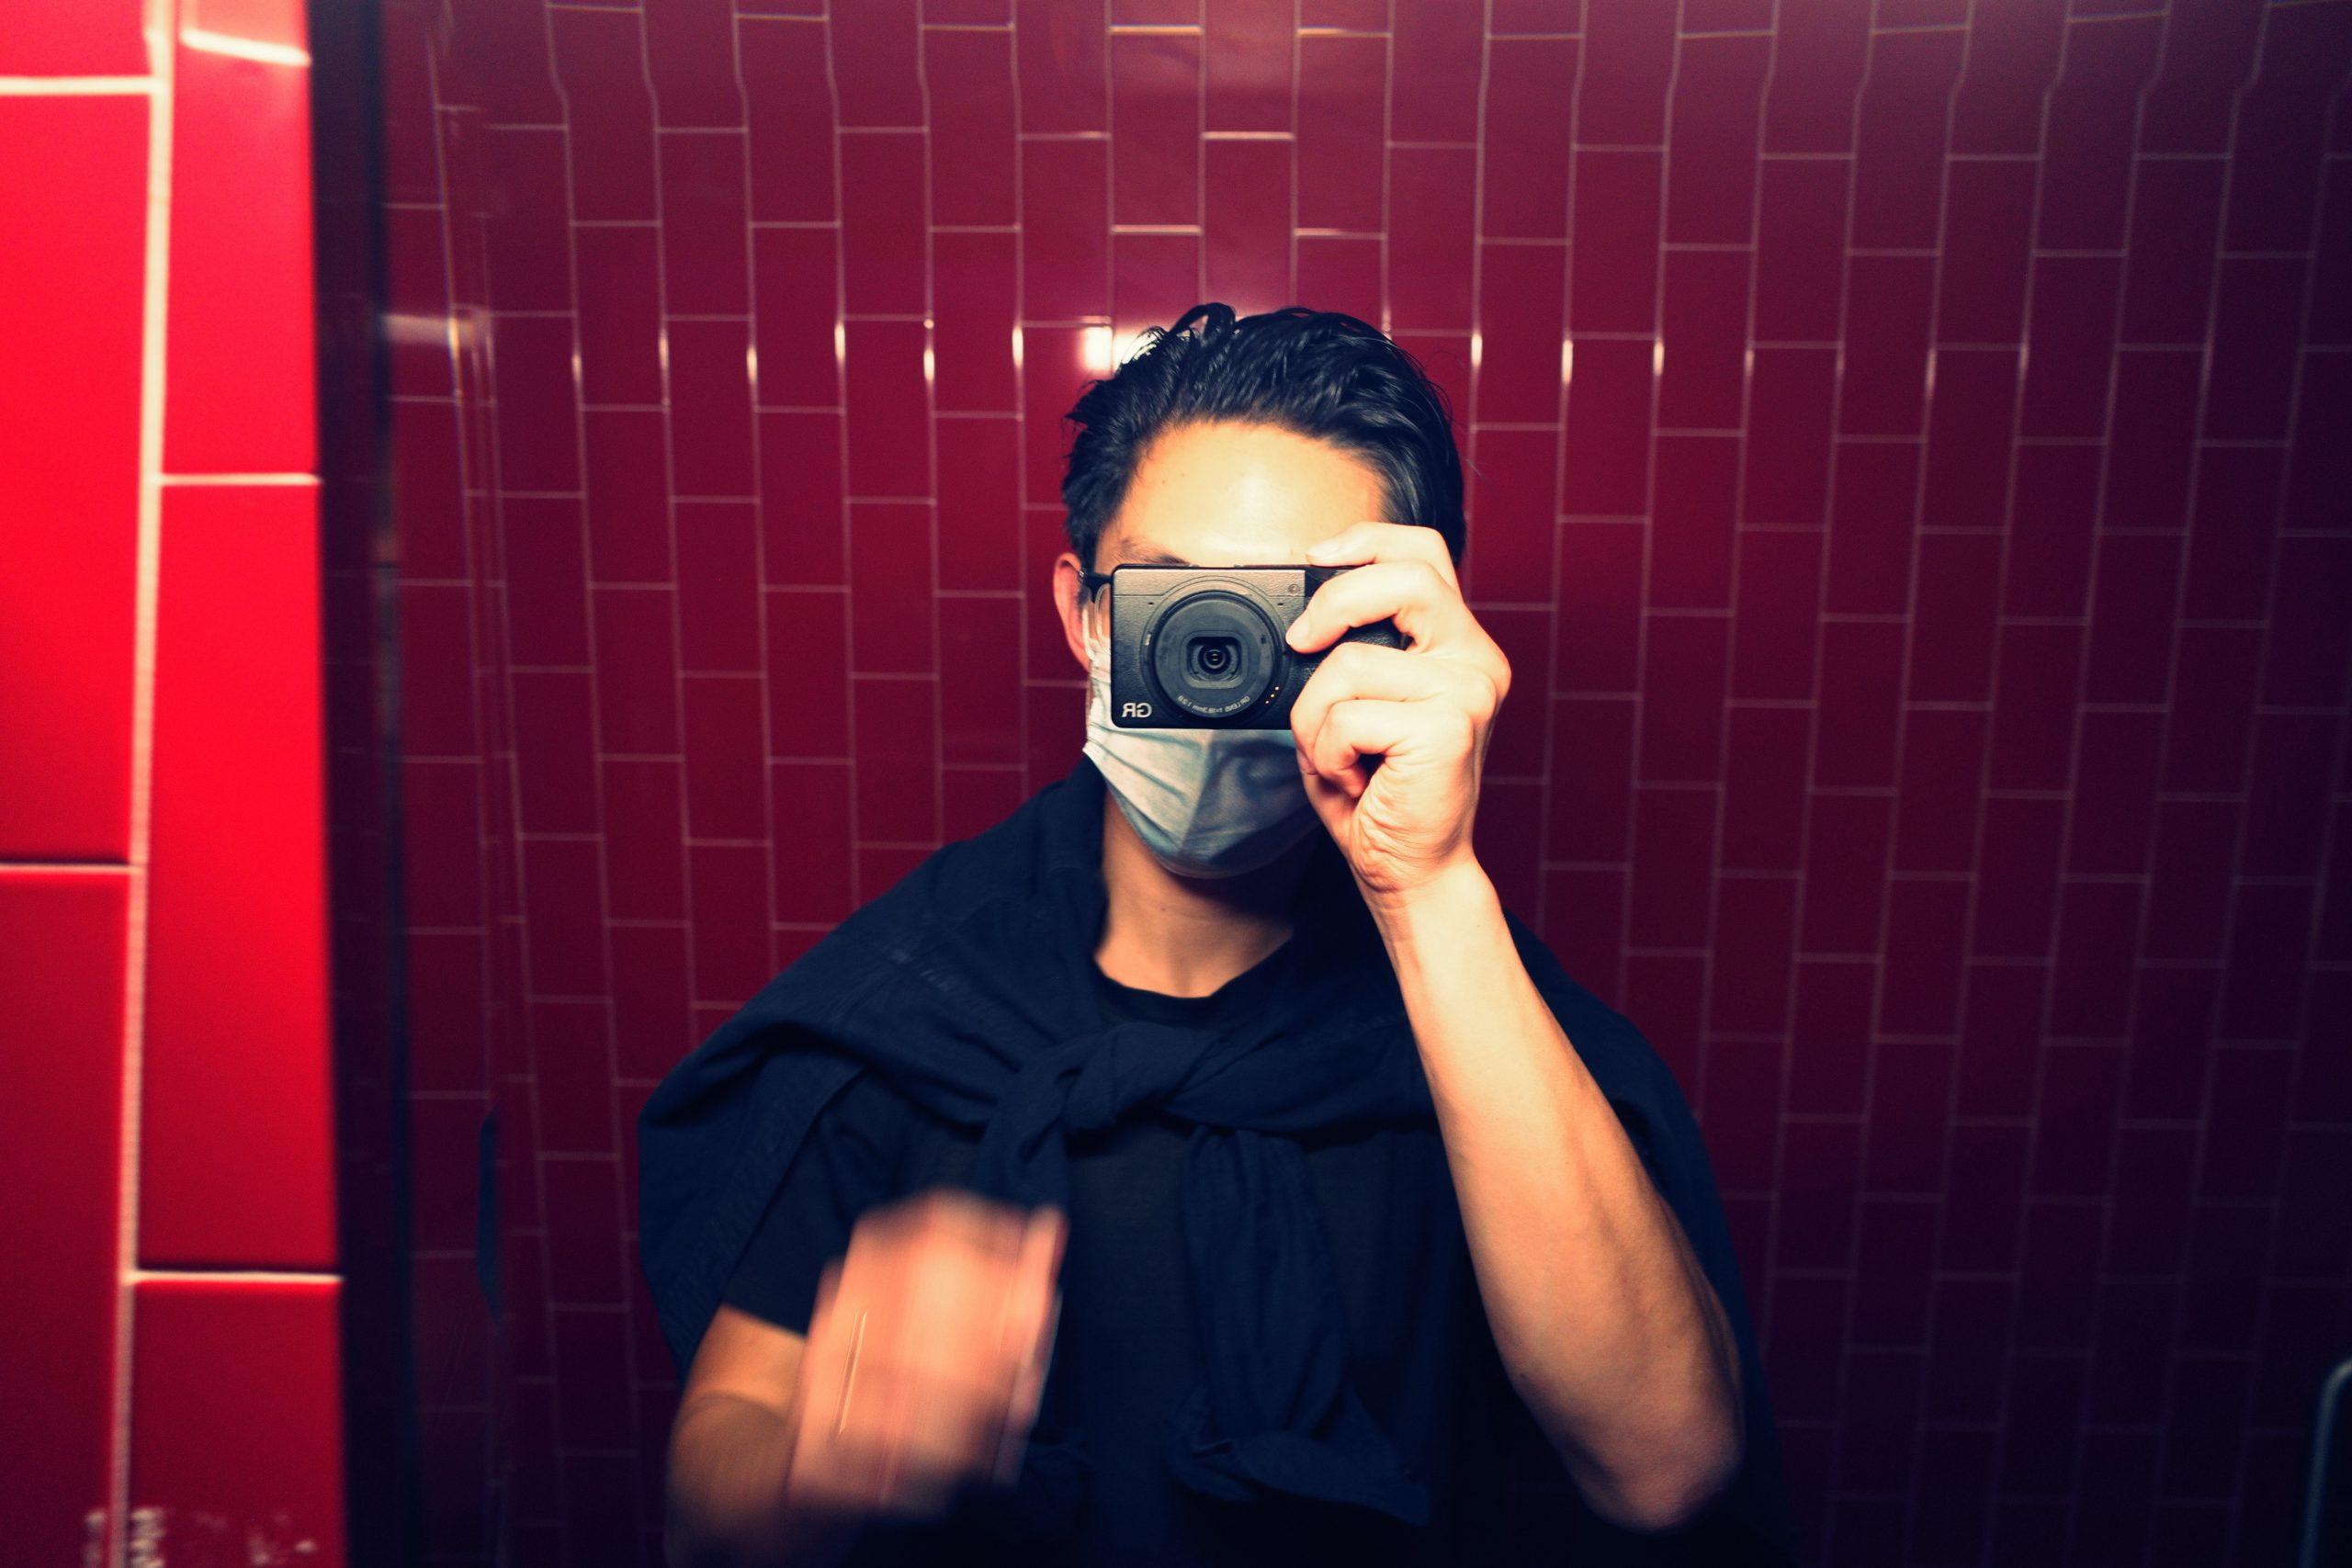 selfie ERIC KIM Ricoh gr iii red background cross process jpeg filter blur